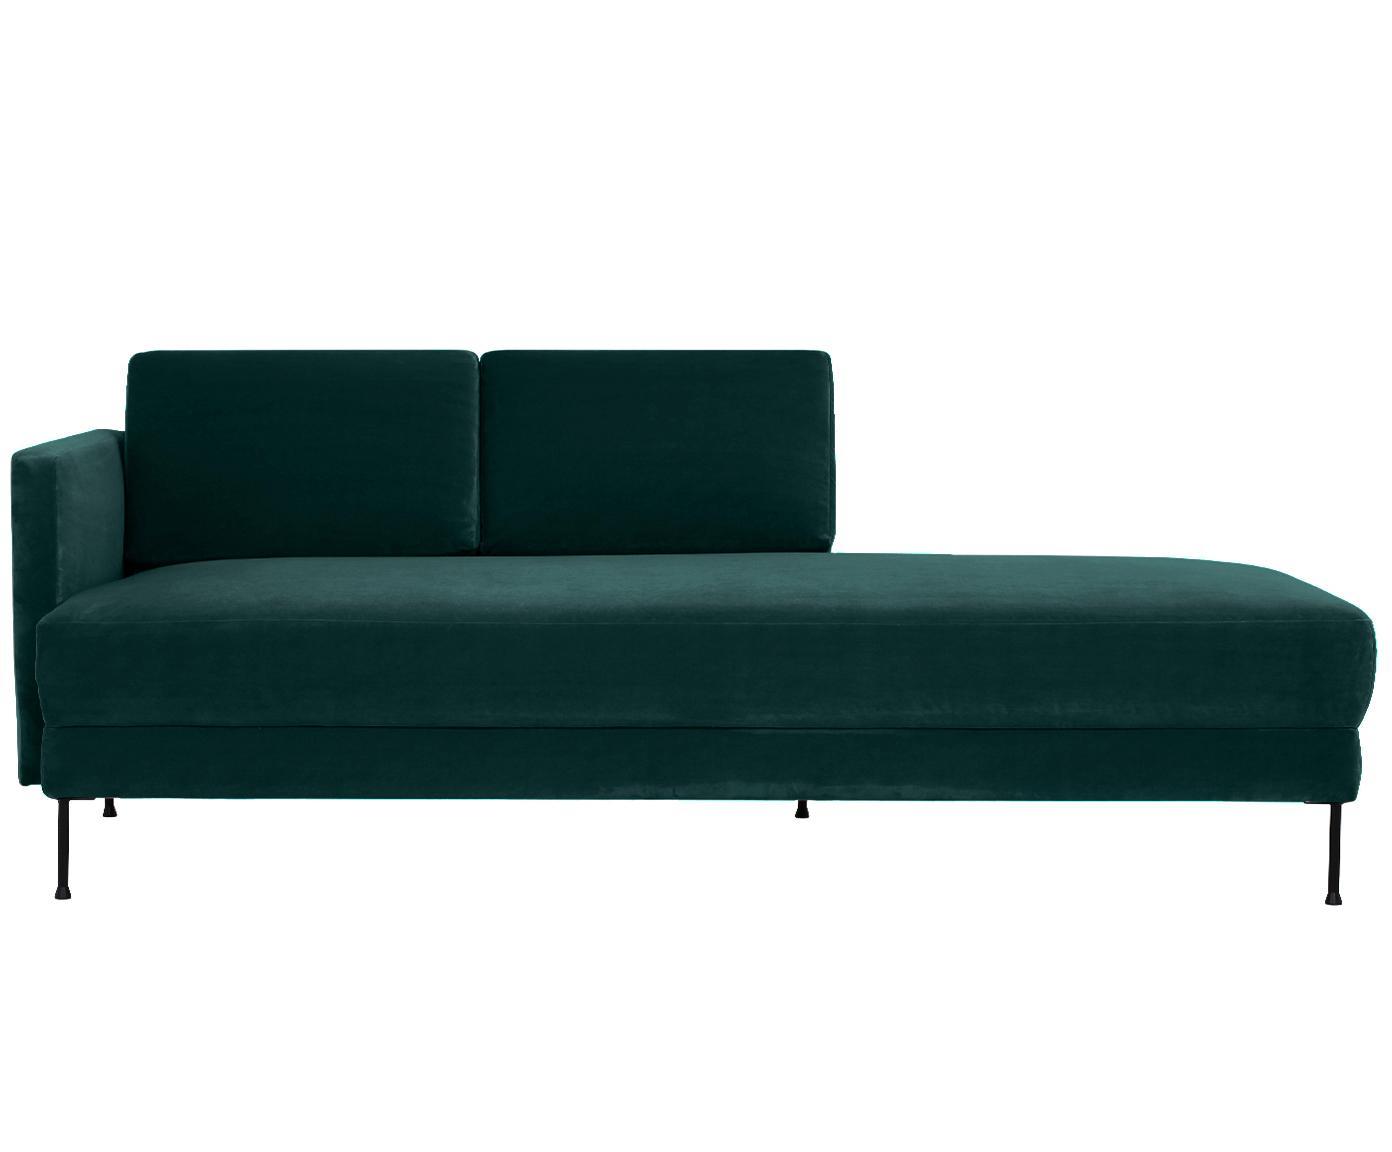 Szezlong z aksamitu Fluente, Tapicerka: aksamit (wysokiej jakości, Stelaż: lite drewno sosnowe, Nogi: metal lakierowany, Aksamitny ciemny zielony, S 201 x G 83 cm